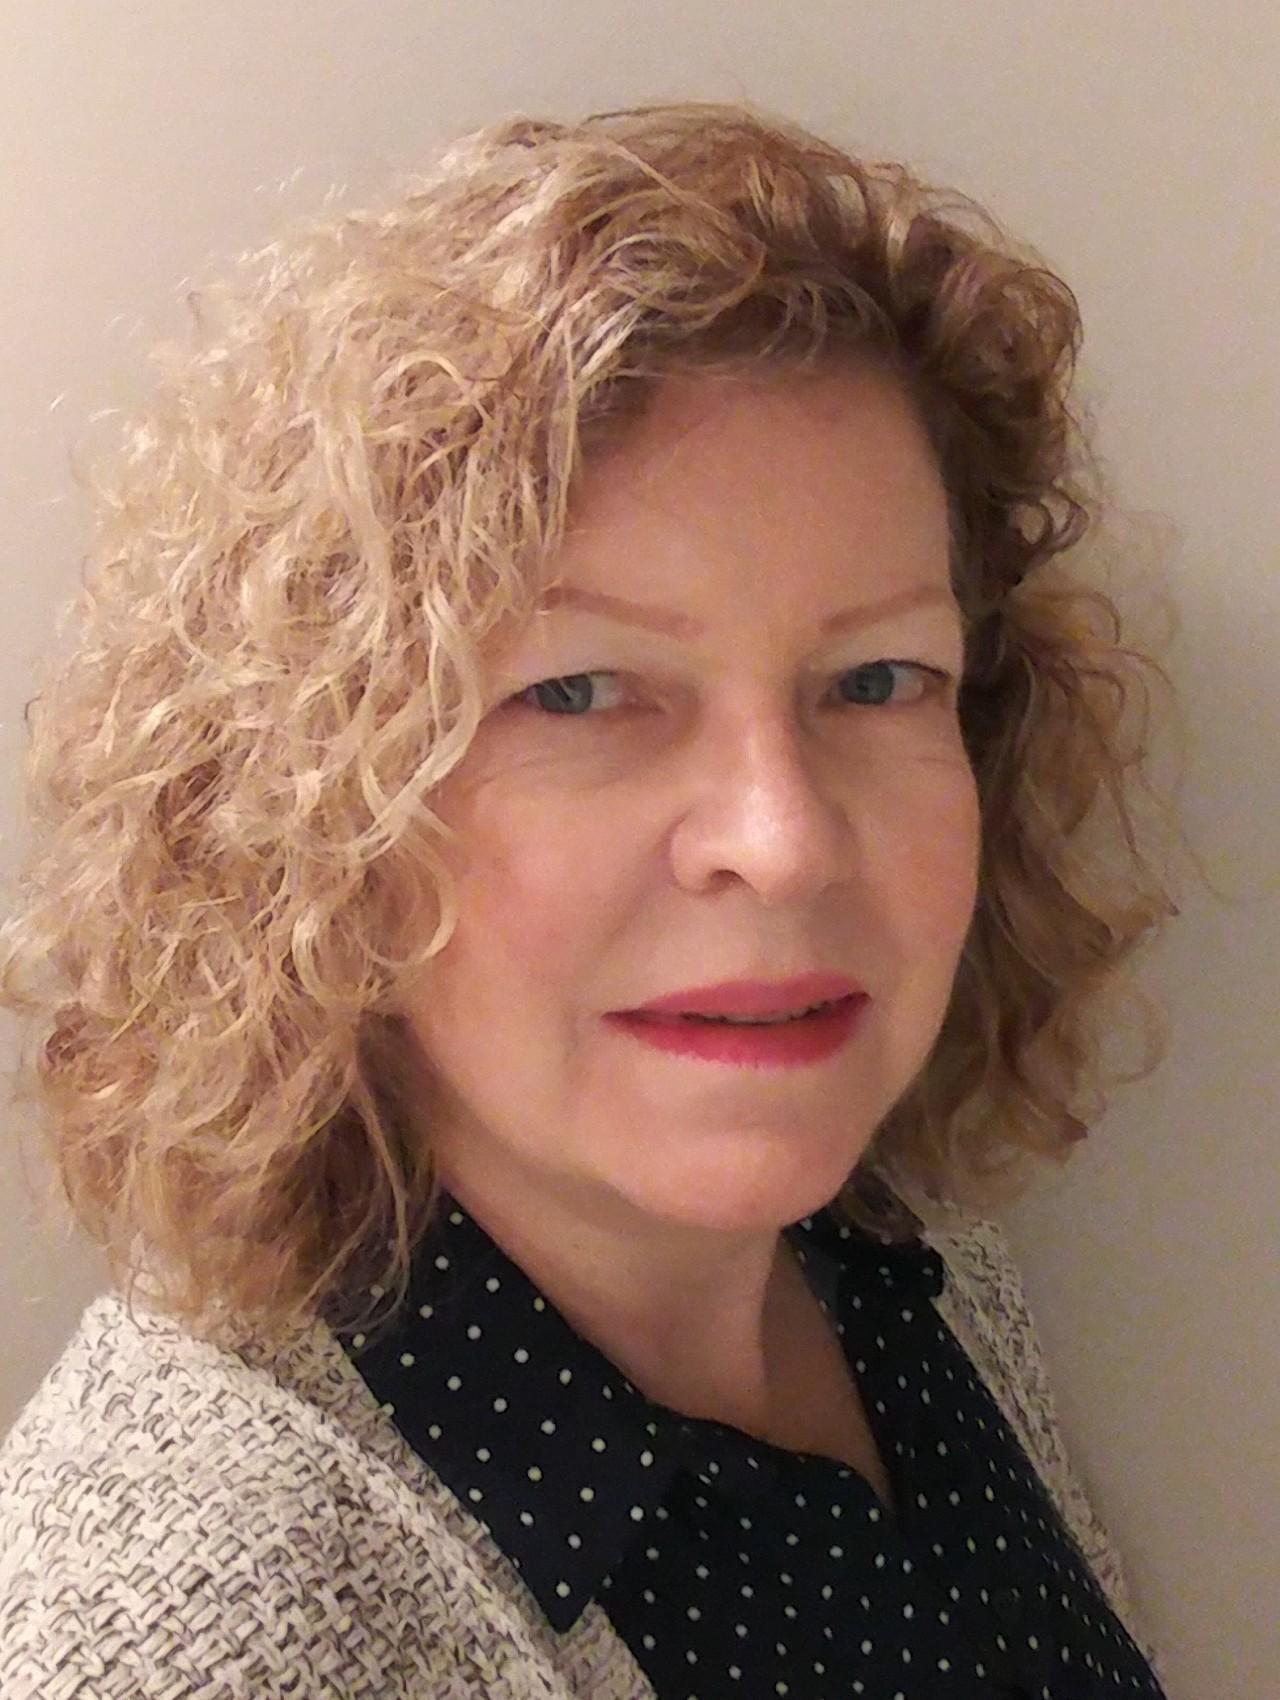 Dementia campaign in Abbotsford challenges stigma